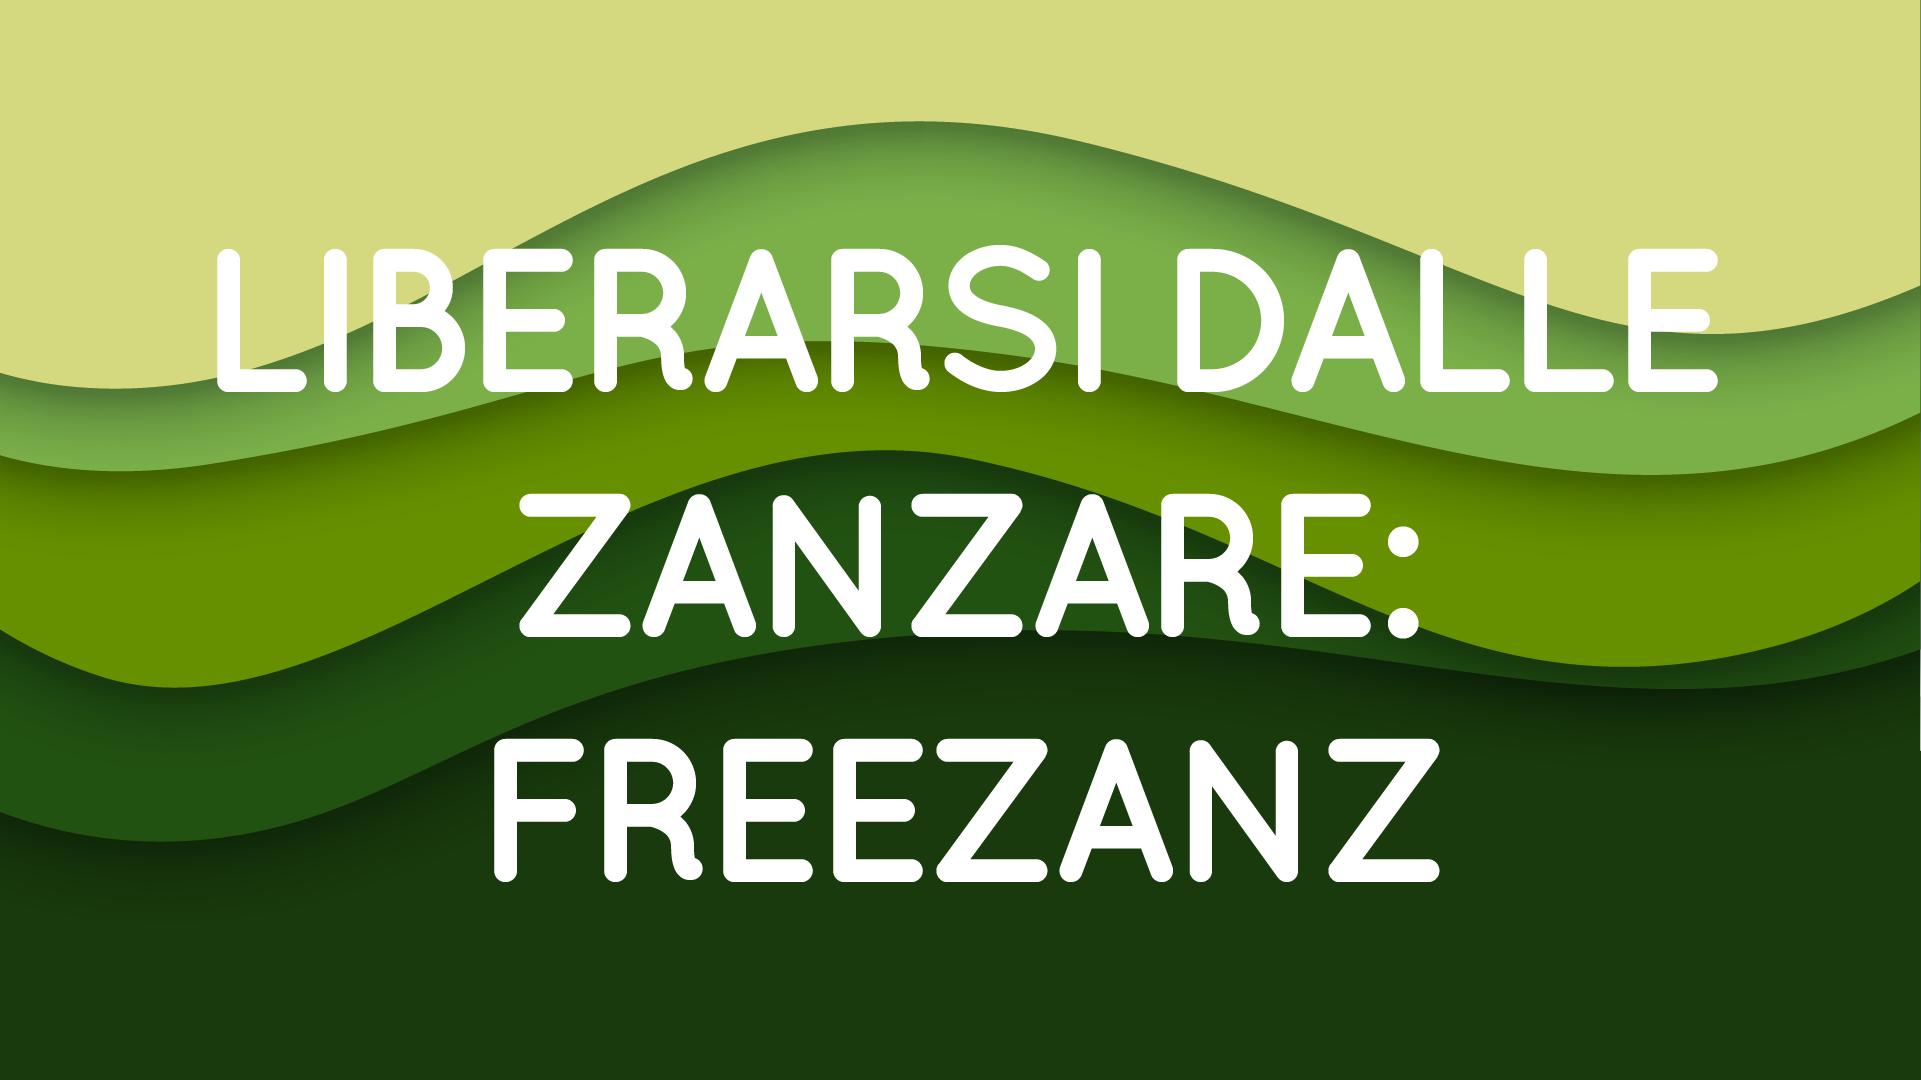 Liberare il giardino dalle zanzare per sempre con Freezanz